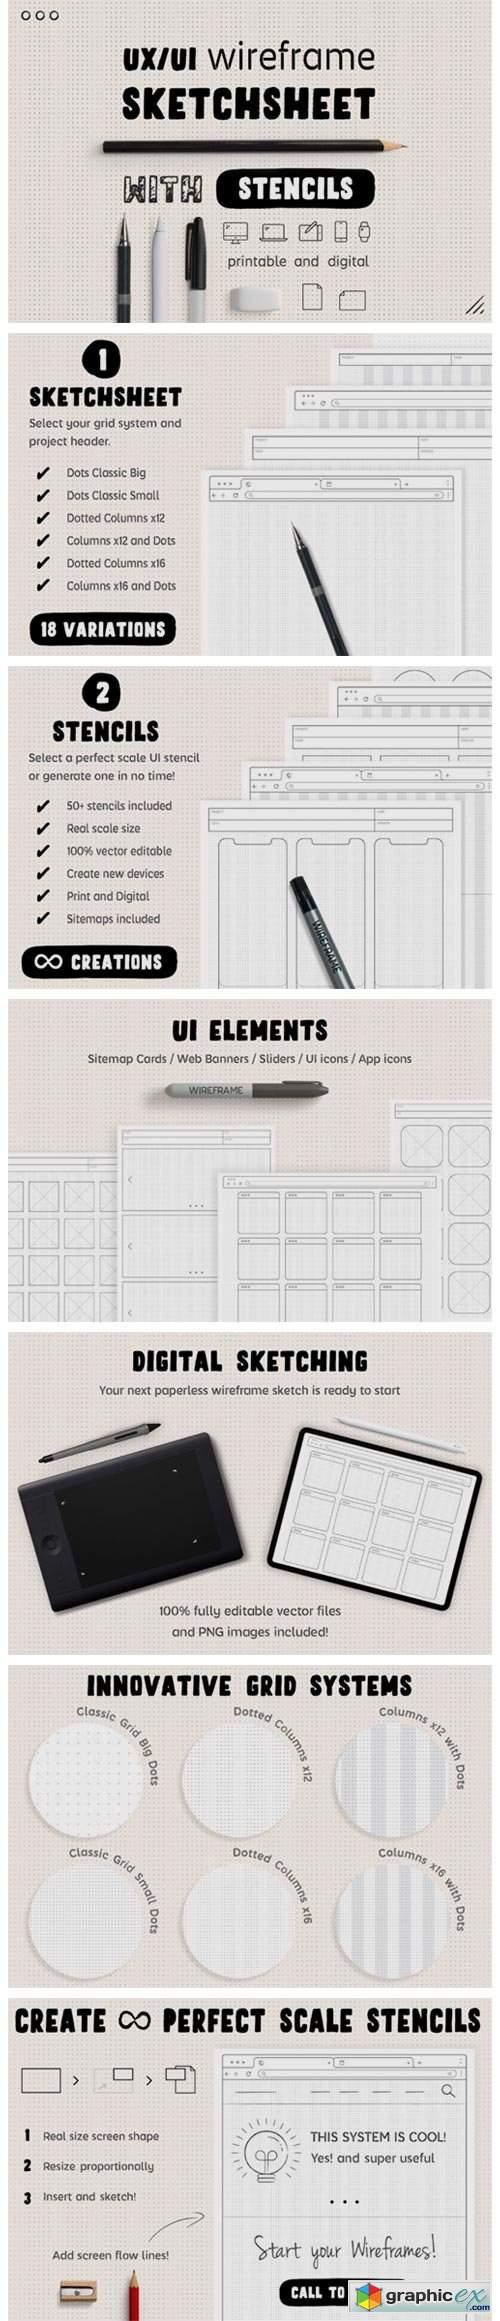 Wireframe Sketchsheet with Stencils